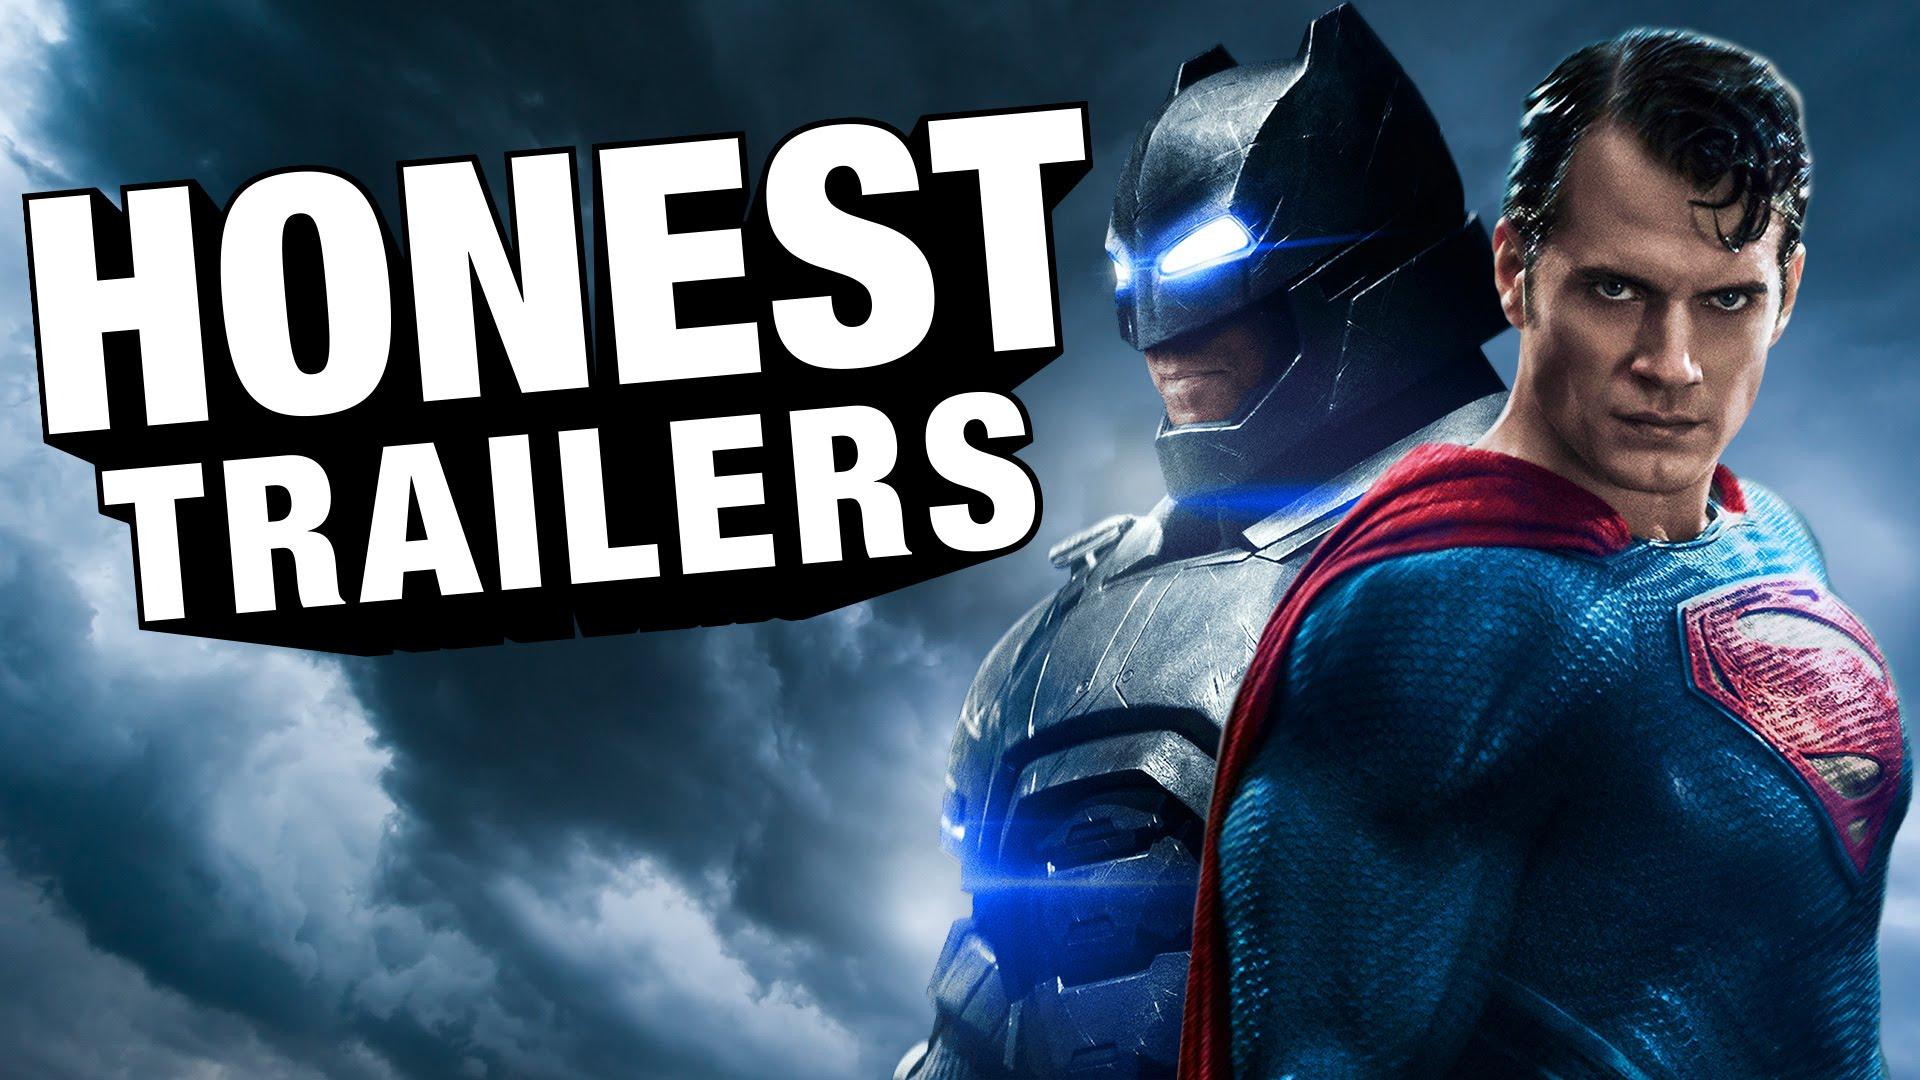 WATCH: 'Batman v Superman' Gets an Honest Trailer